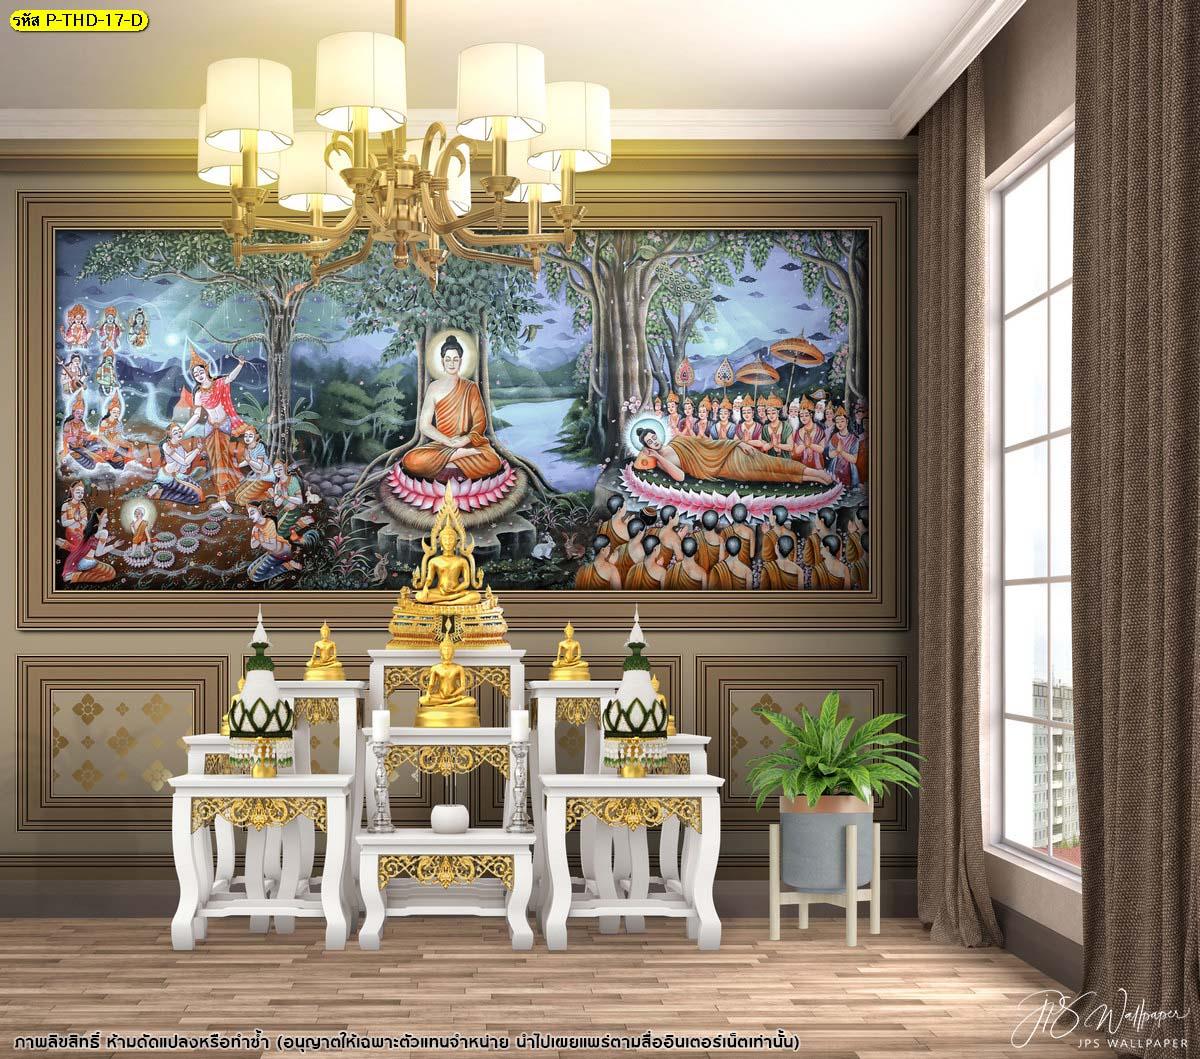 วอลเปเปอร์ติดผนังห้องพระ วอเปเปอร์ติดห้องพระ ตัวอย่างห้องพระที่โดดเด่น แบบห้องพระในบ้าน